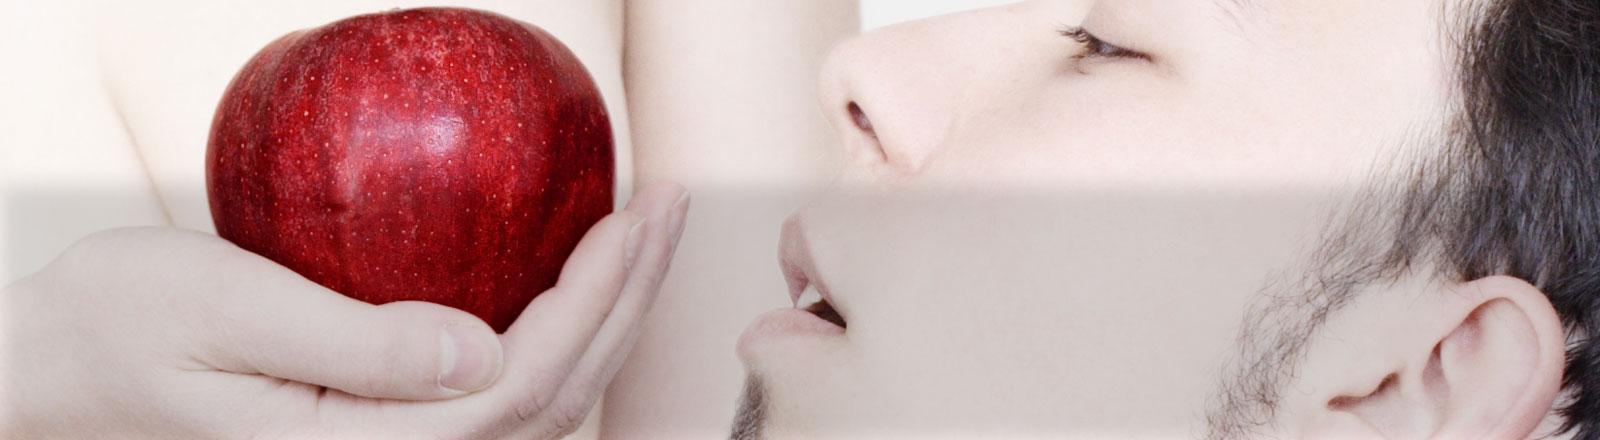 Eine Frau hält einem Mann einen Apfel hin - und zwar vor ihrer Brust.